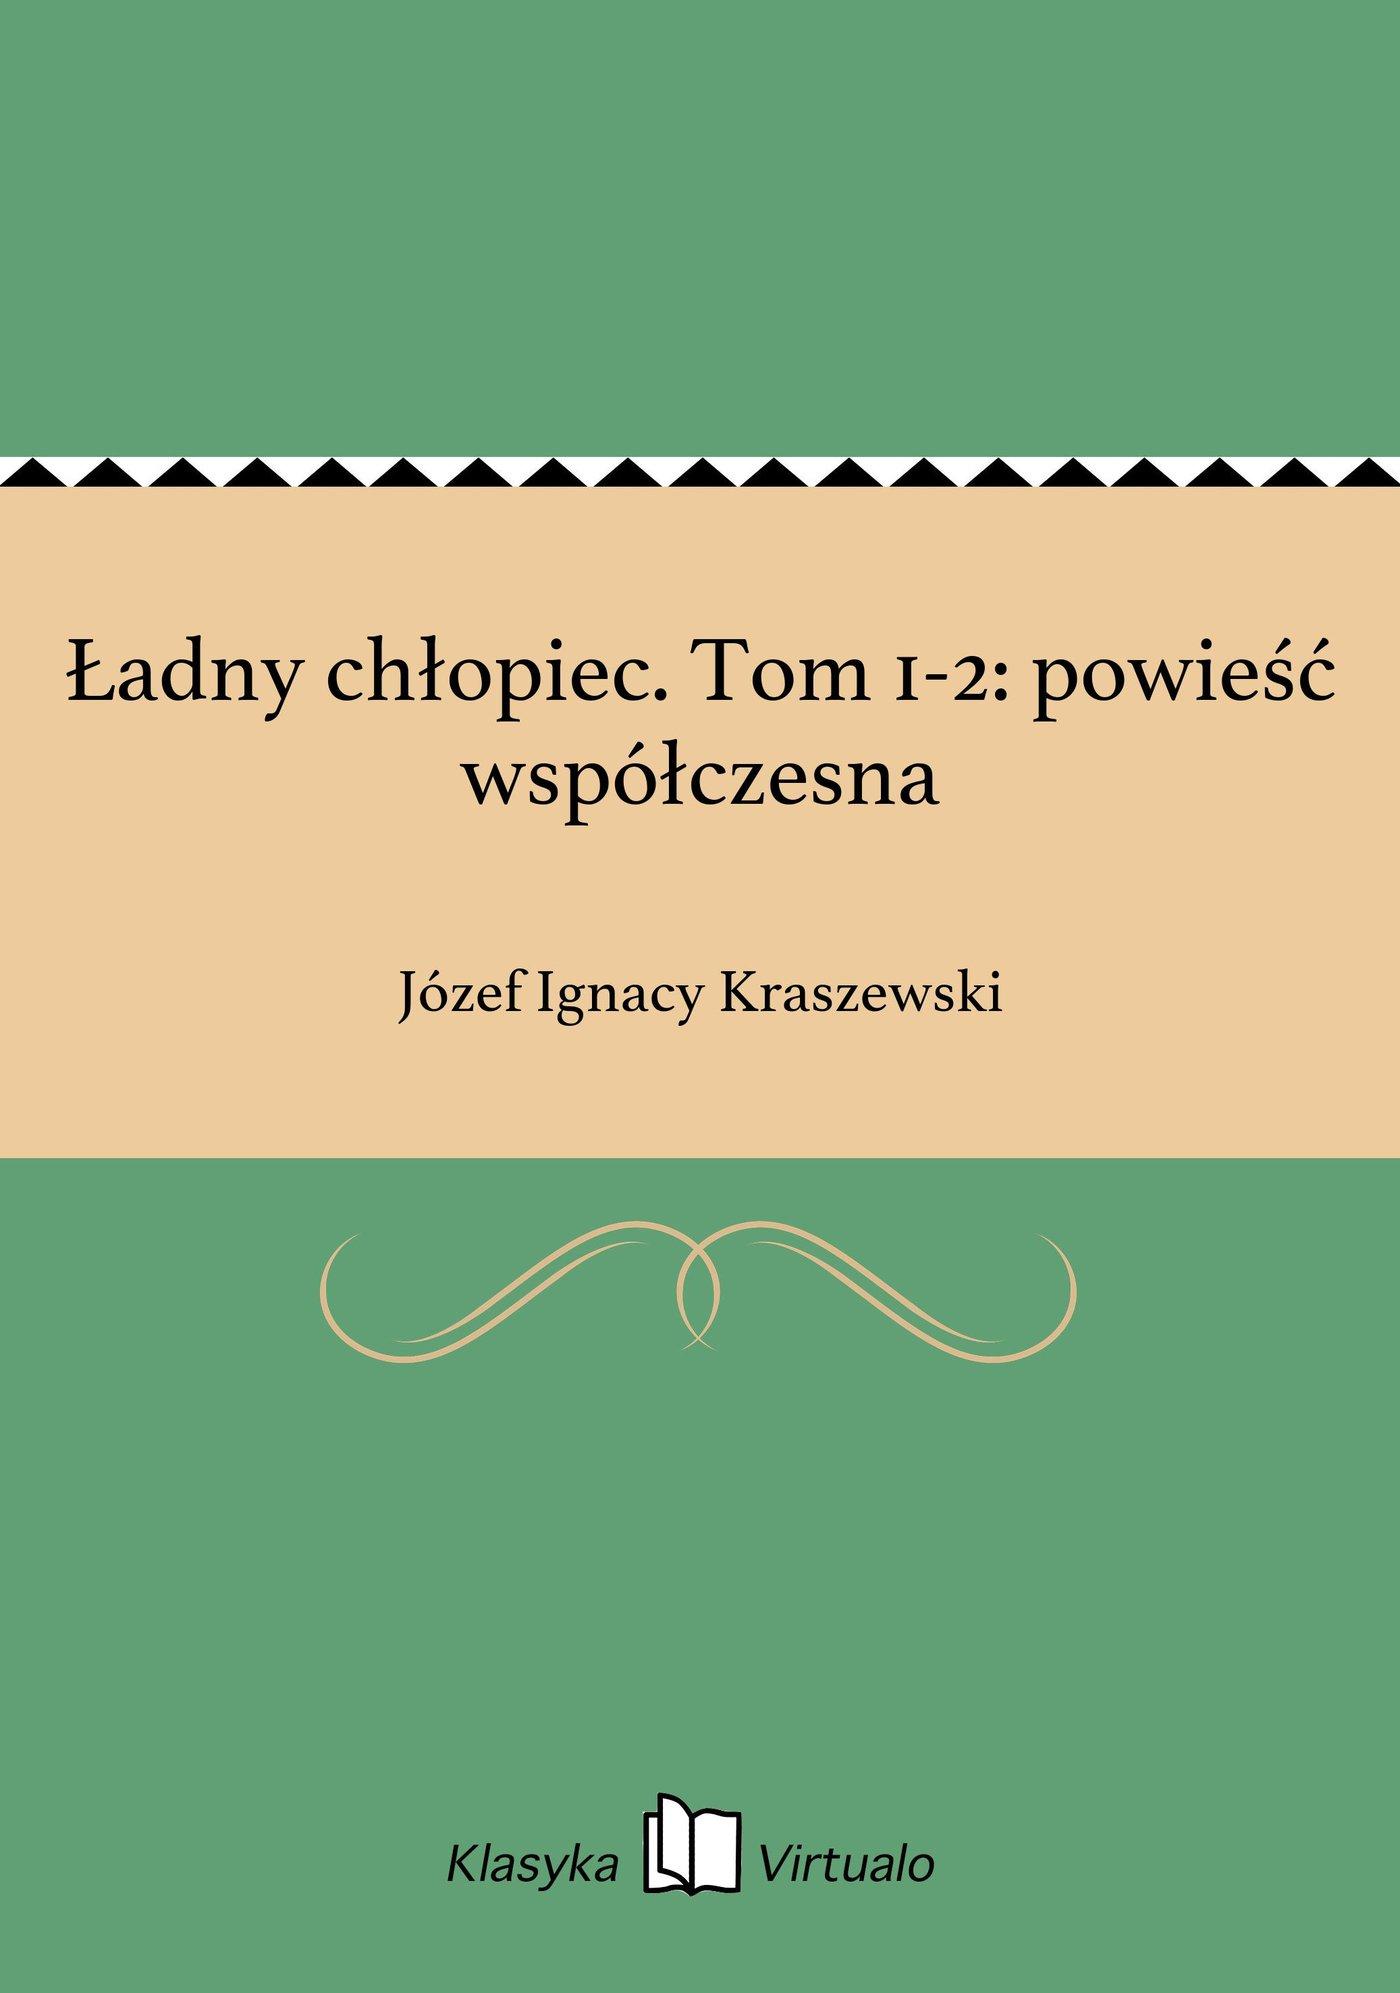 Ładny chłopiec. Tom 1-2: powieść współczesna - Ebook (Książka EPUB) do pobrania w formacie EPUB